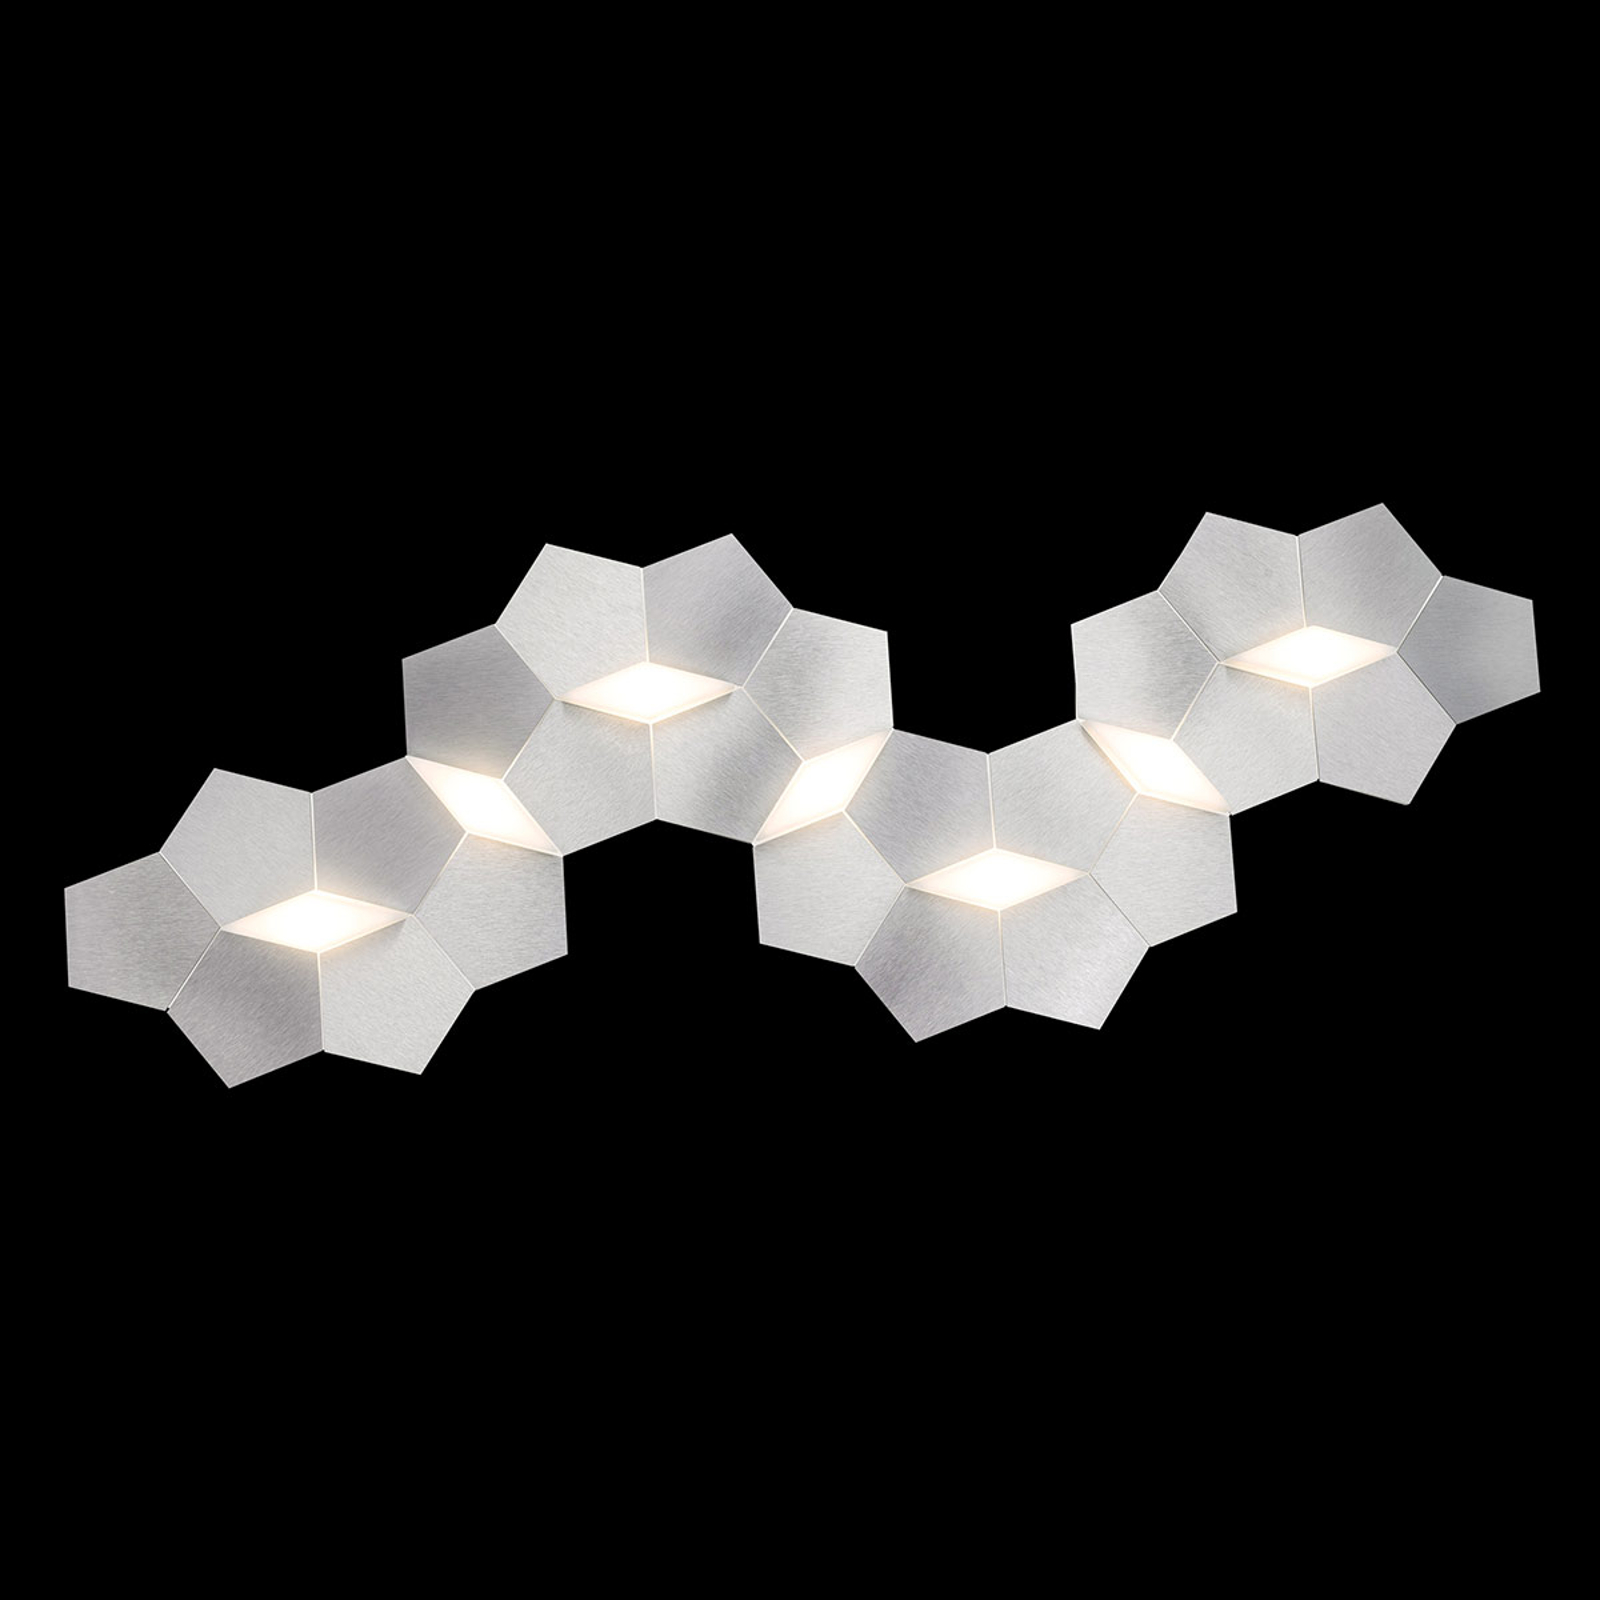 GROSSMANN Linde LED-taklampe